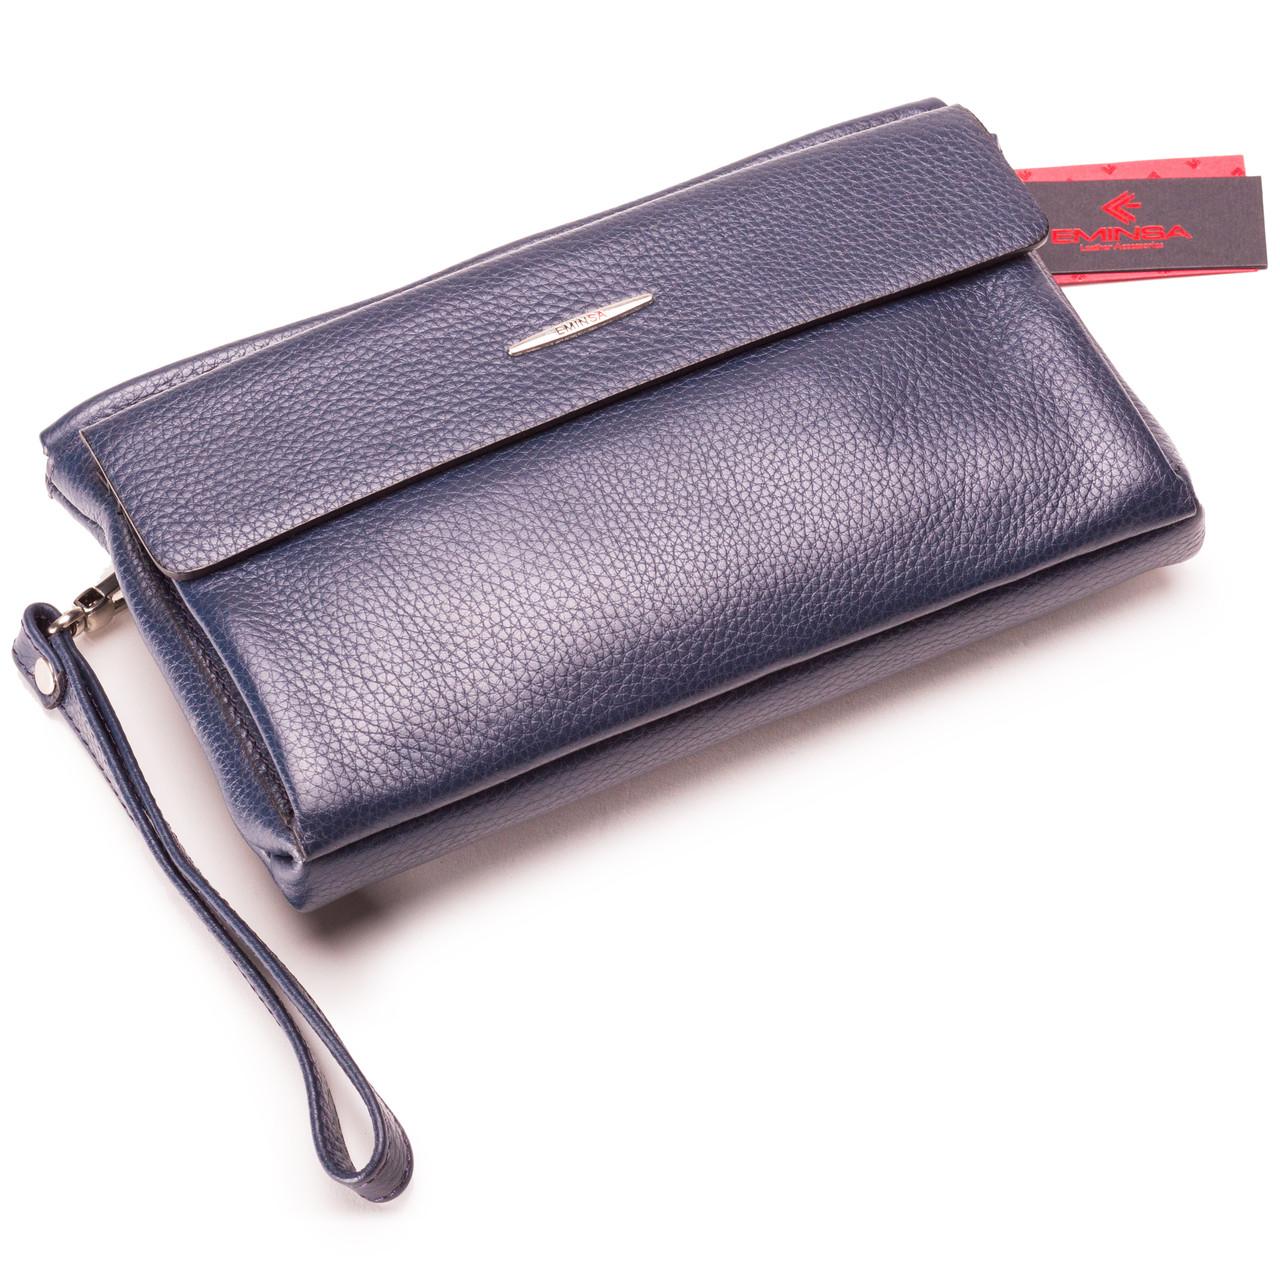 Мужская кожаная сумка клатч синяя Eminsa 5093-37-19